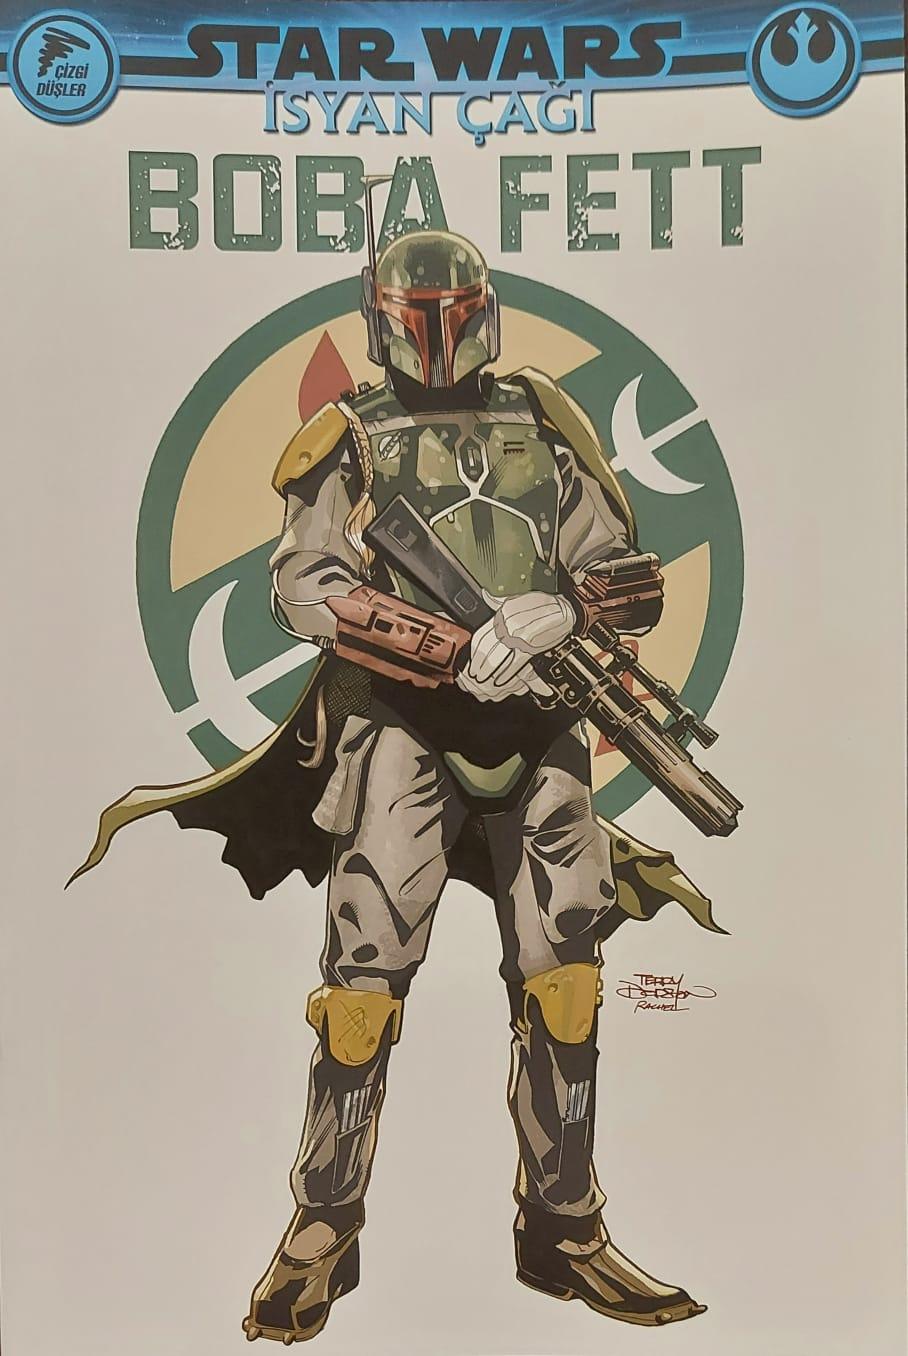 Star Wars İsyan Çağı - Boba Fett